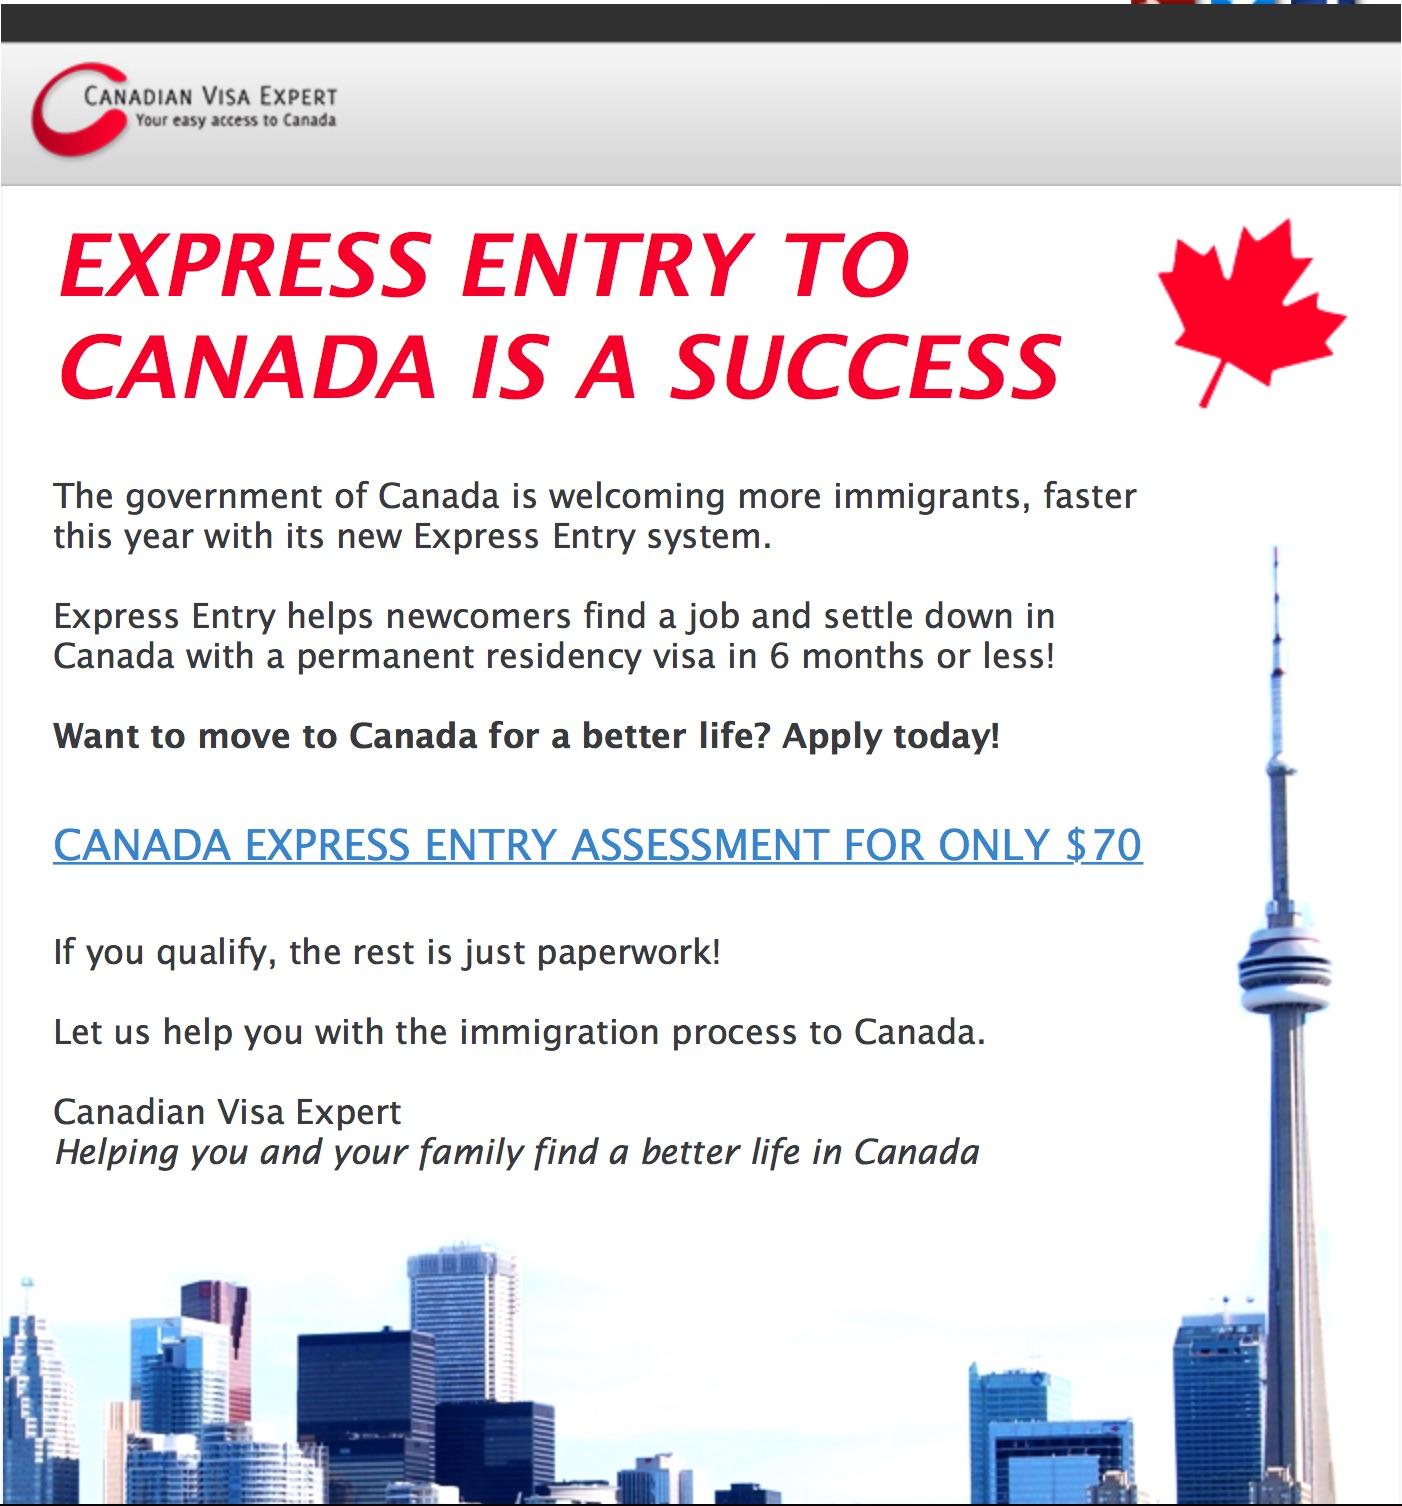 カナダ永住権詐欺にあいそうになった話